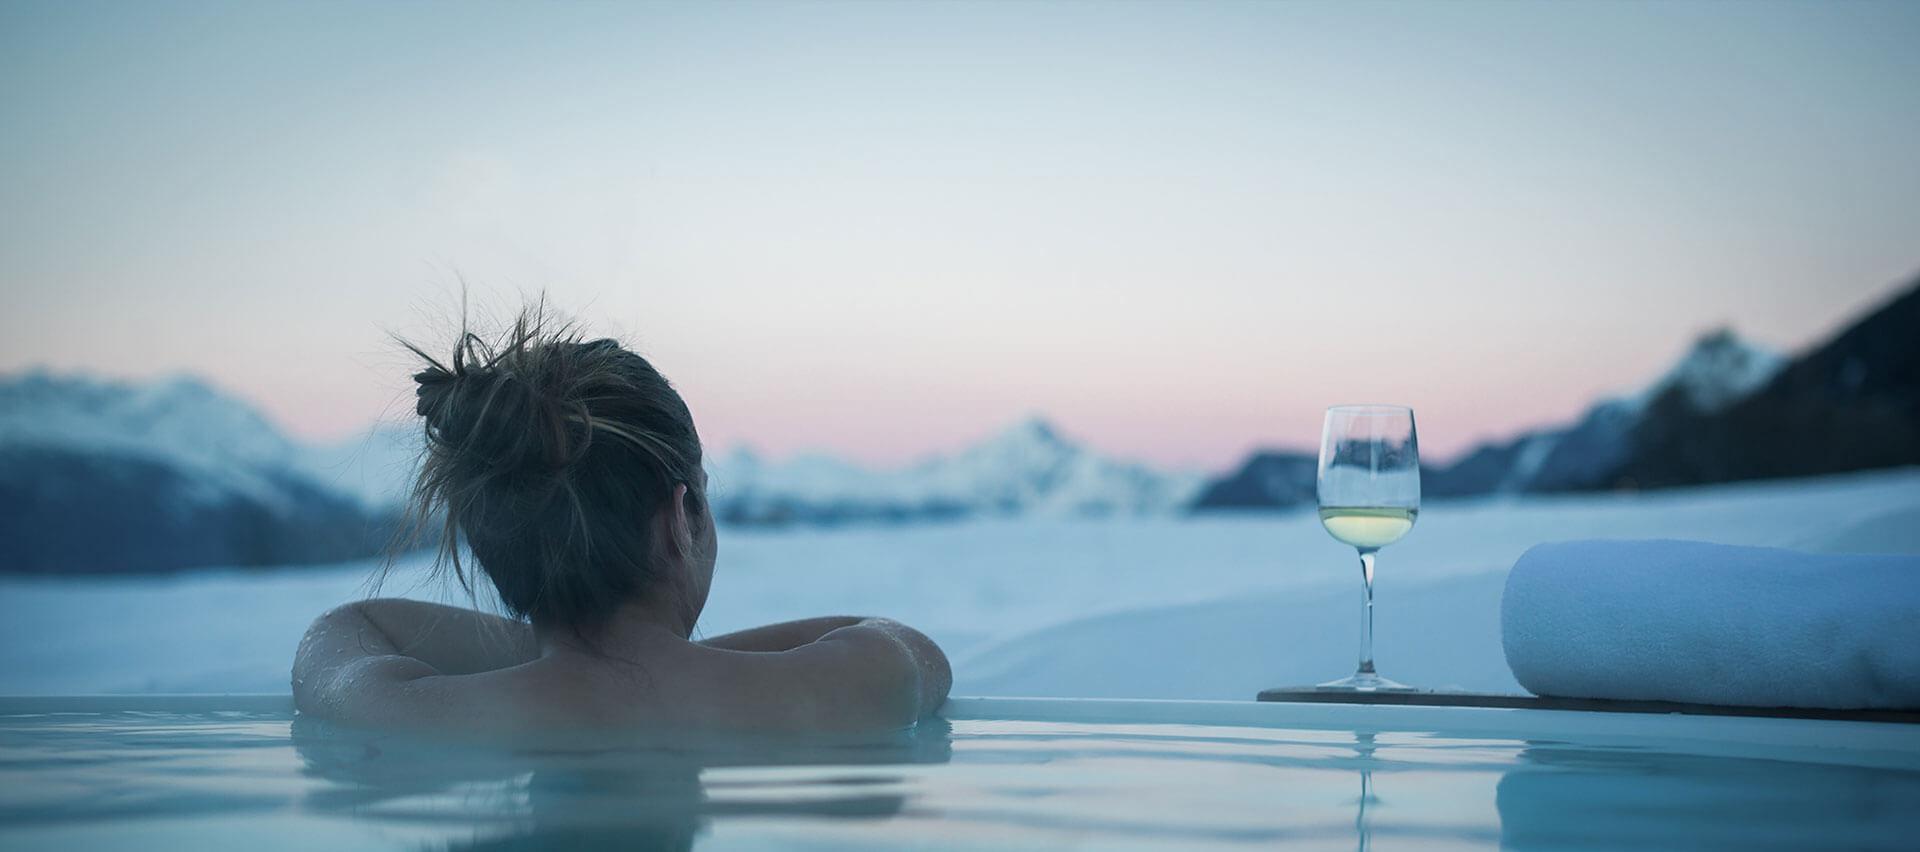 Luxury-Mountain-Travel-with-Swiss-Ski-Safari